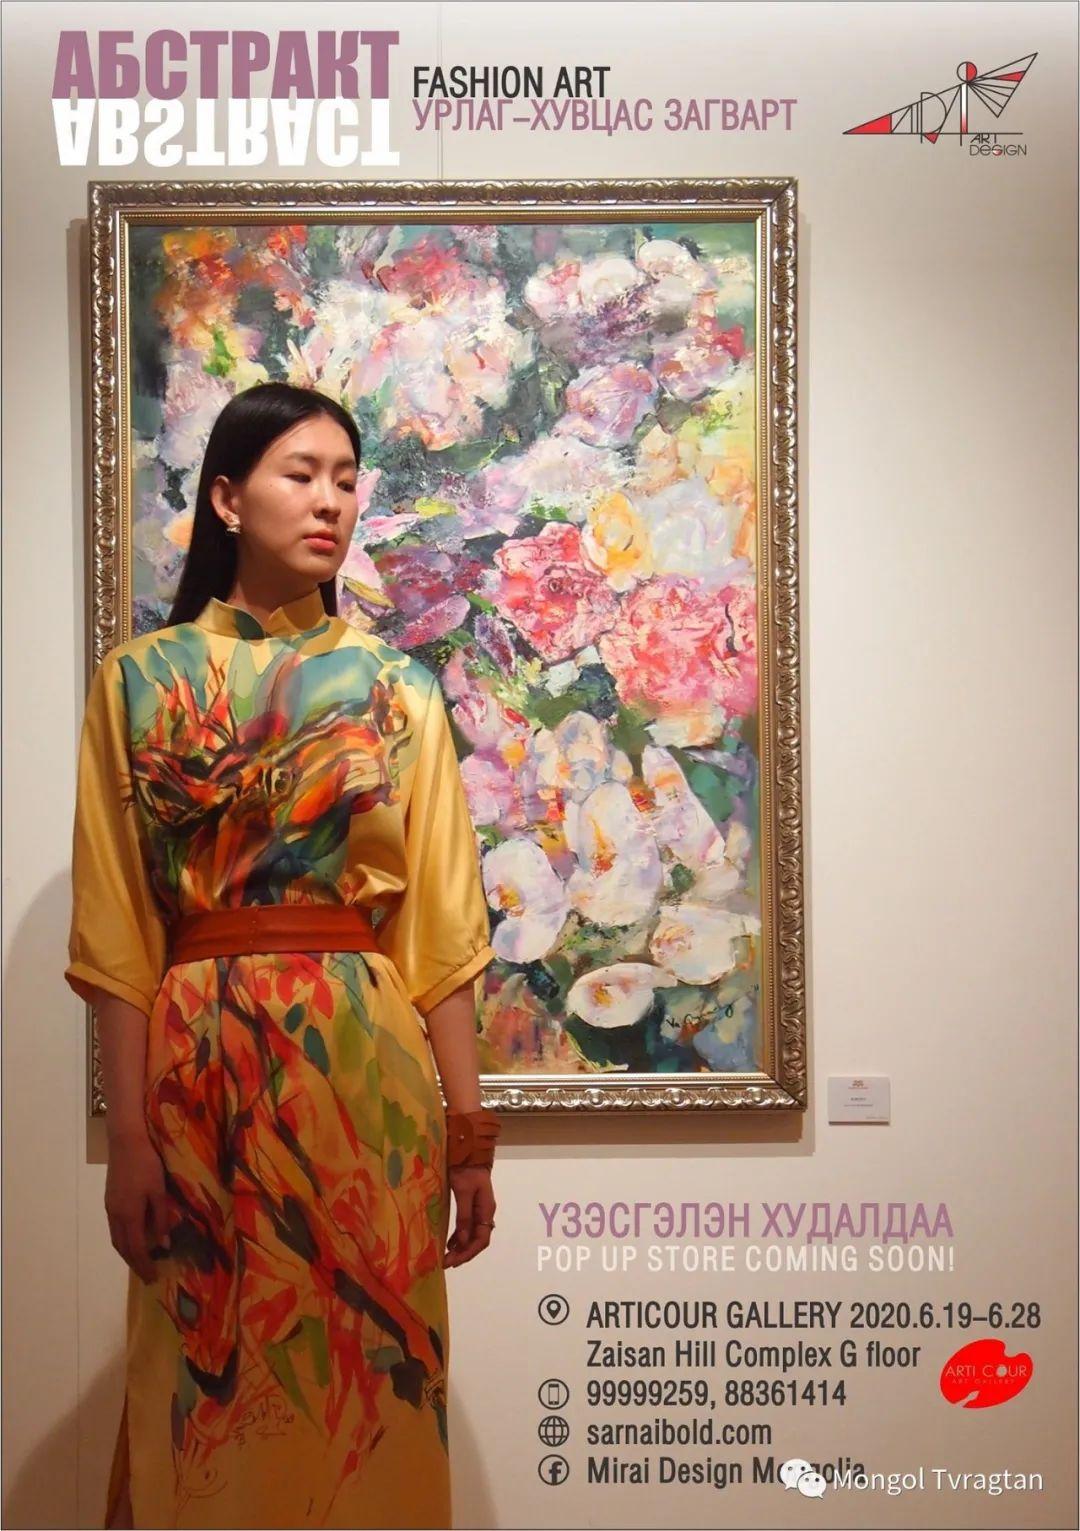 ᠤᠷᠠᠨ ᠵᠢᠷᠤᠭ -ᠪ᠂ ᠰᠠᠷᠨᠠᠢ  萨日乃美术作品 第15张 ᠤᠷᠠᠨ ᠵᠢᠷᠤᠭ -ᠪ᠂ ᠰᠠᠷᠨᠠᠢ  萨日乃美术作品 蒙古画廊